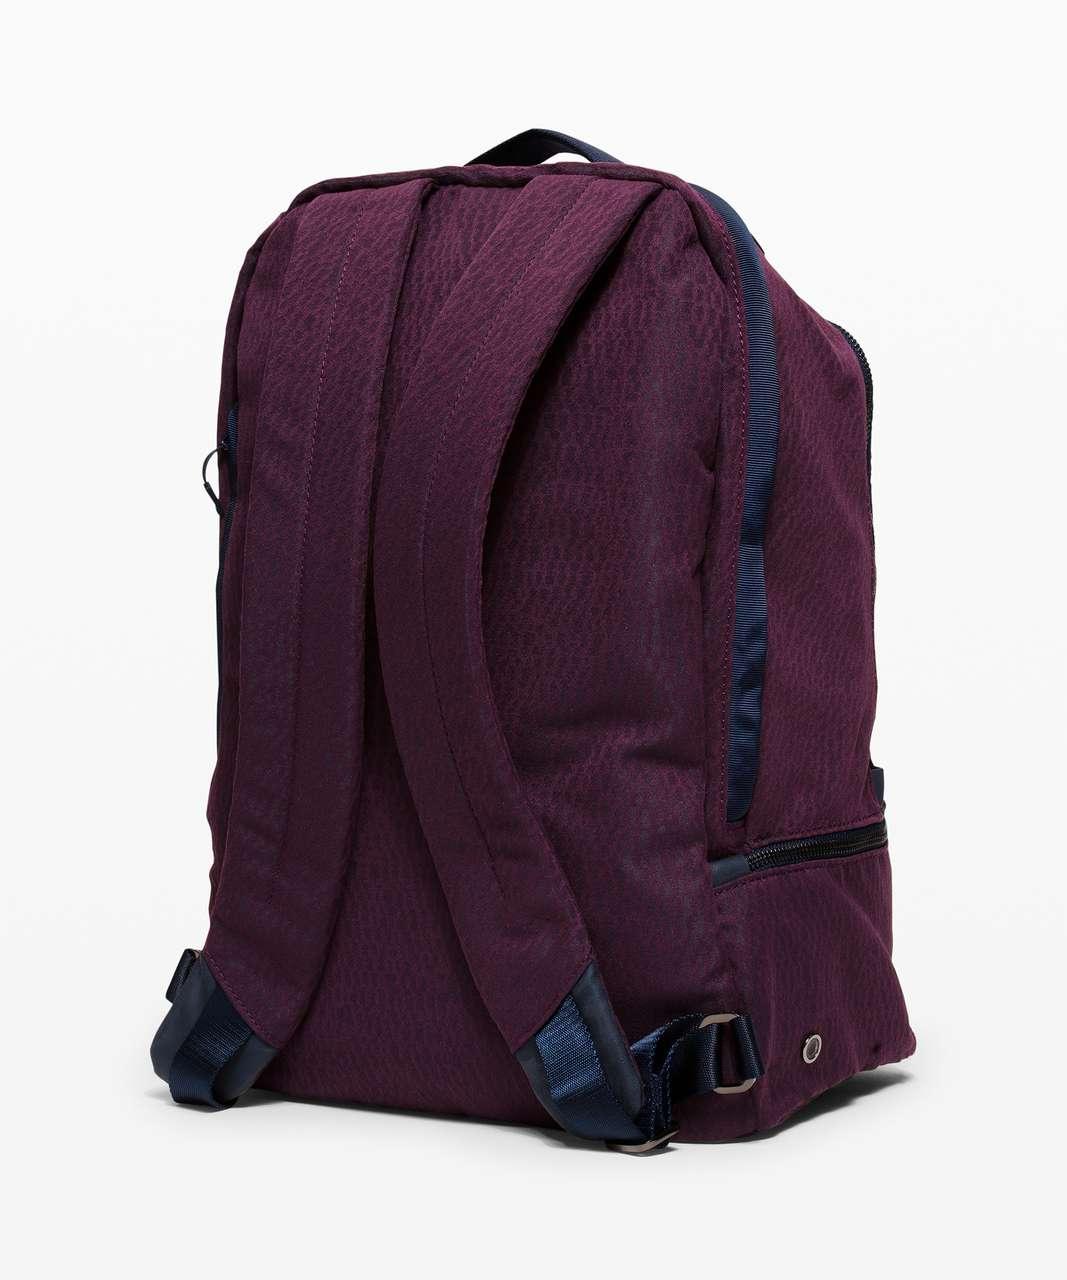 Lululemon City Adventurer Backpack *17L - Stacked Jacquard Black Cherry Nocturnal Teal